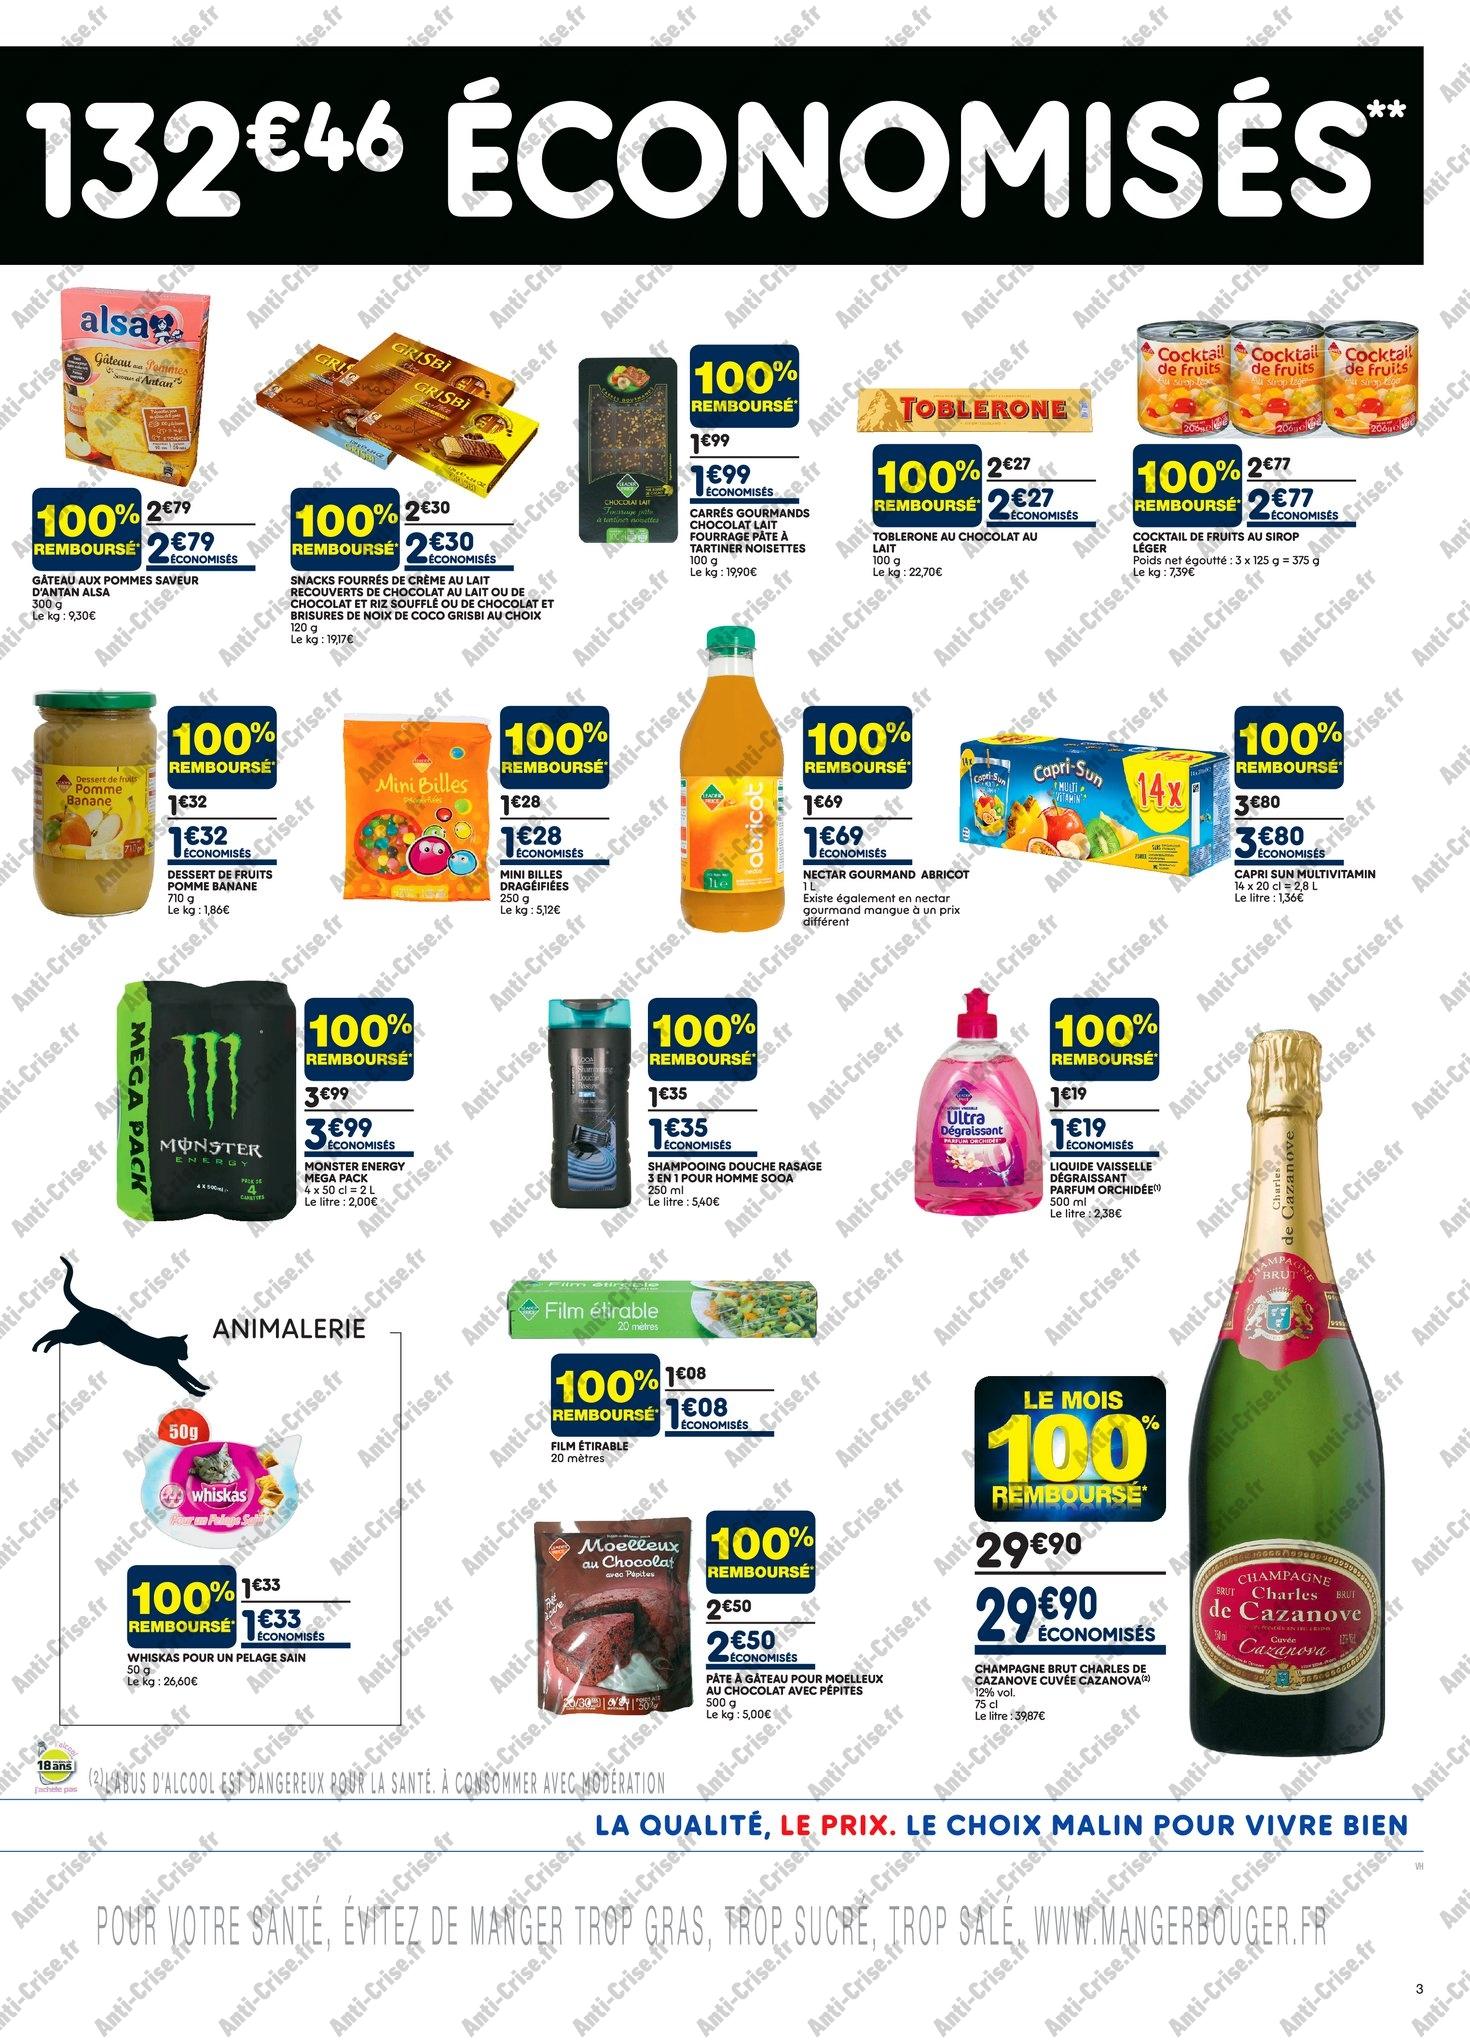 Catalogue Leader Price du 8 au 20 mai 2018 (Le Mois 100% Remboursé Vague 1) (3)